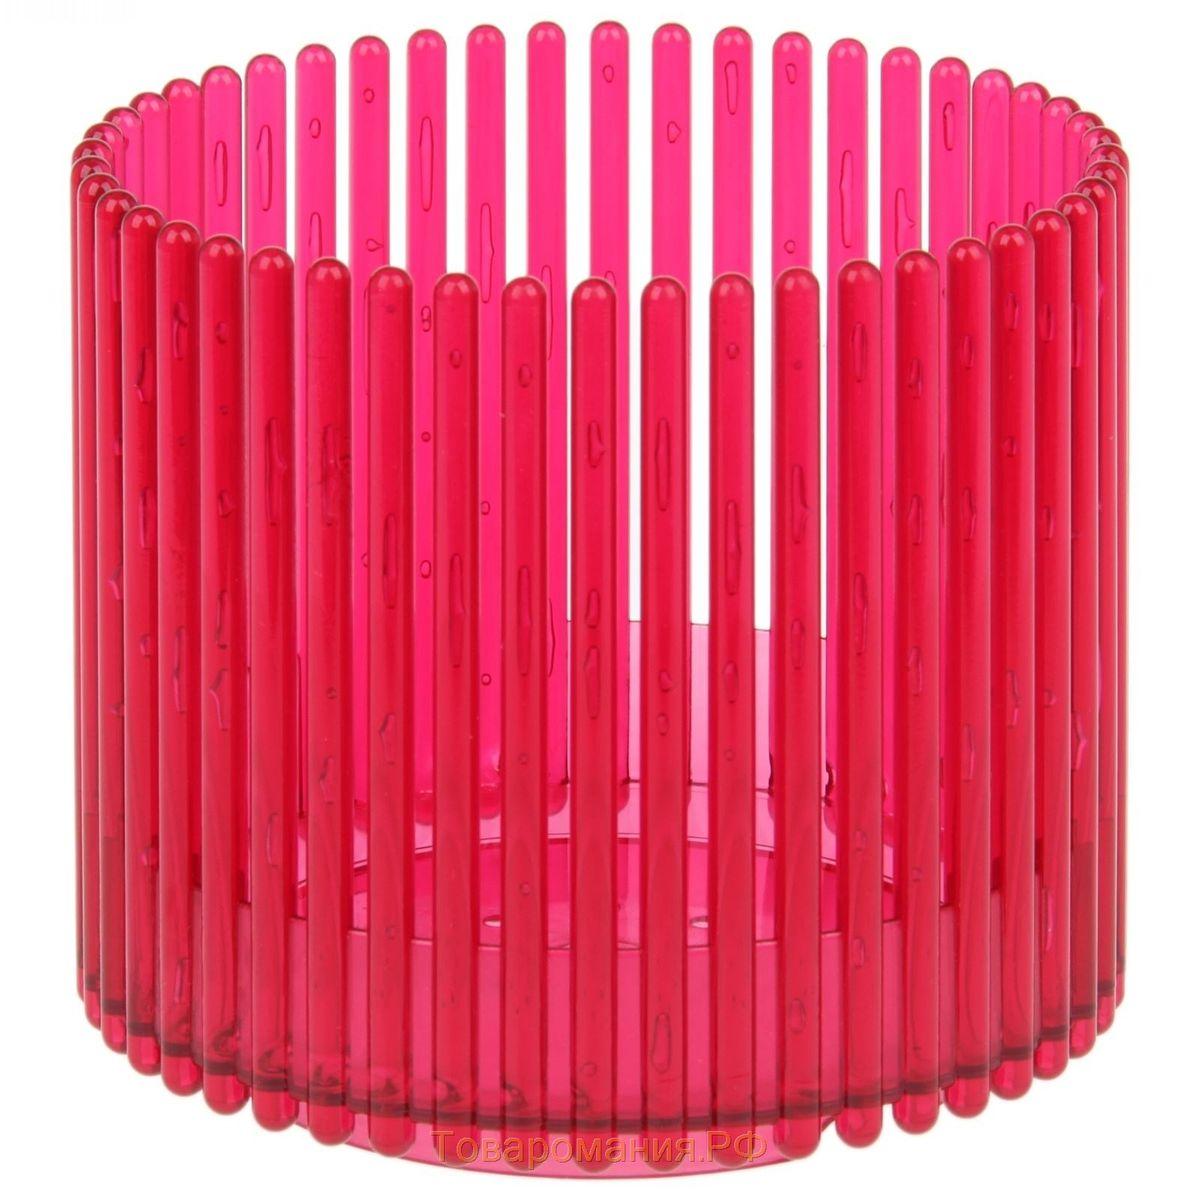 Кашпо JetPlast Шарм, цвет: красный, 14 x 12 см4612754051090Кашпо Шарм изготовлено из поликарбоната. Изделие имеет уникальную конструкцию: бортик в нижней части кашпо дает возможность создания у корней орхидеи благоприятную влажность, а сквозная конструкция стенок кашпо дает возможность беспрепятственному проникновению света на корни растения и их вентиляцию. Стильный яркий дизайн сделает такое кашпо отличным дополнением интерьера.